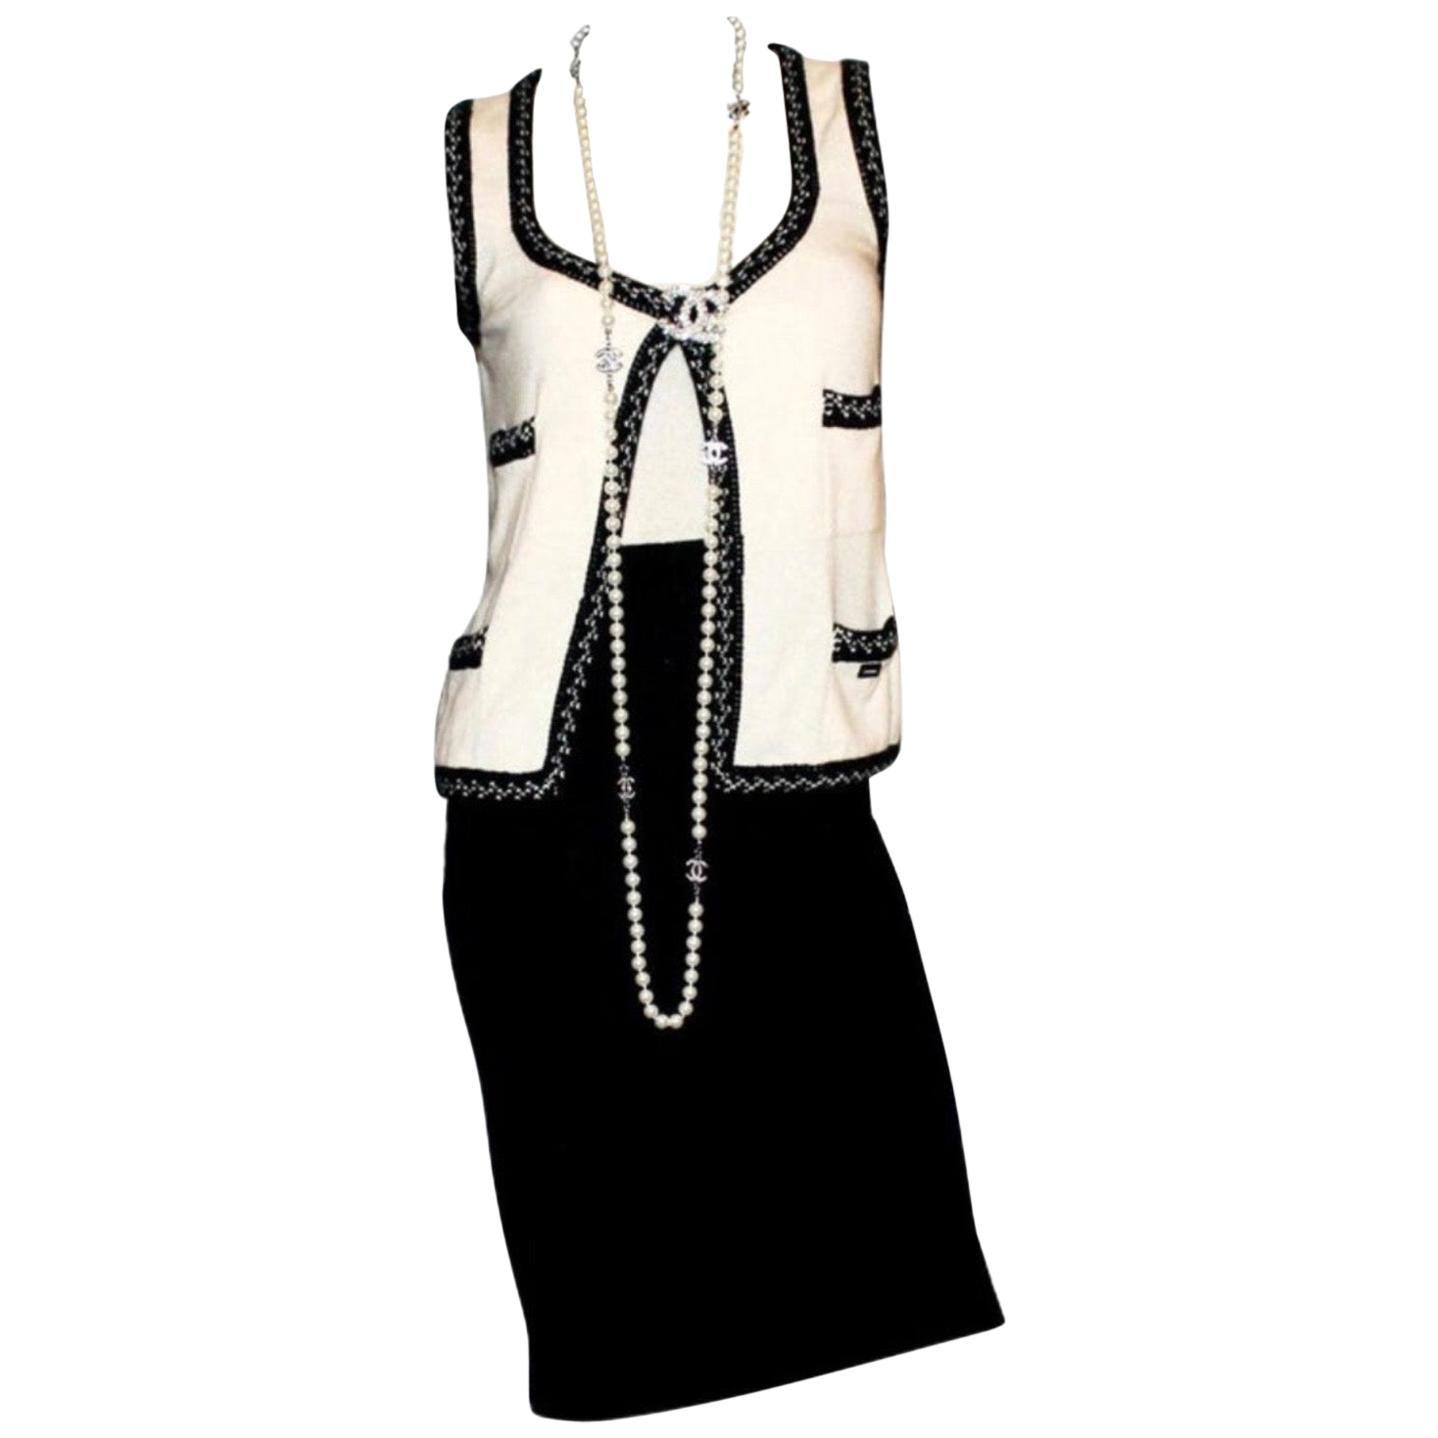 Stunning Monochrome Chanel Cashmere Signature Dress Gilet Suit Set Ensemble